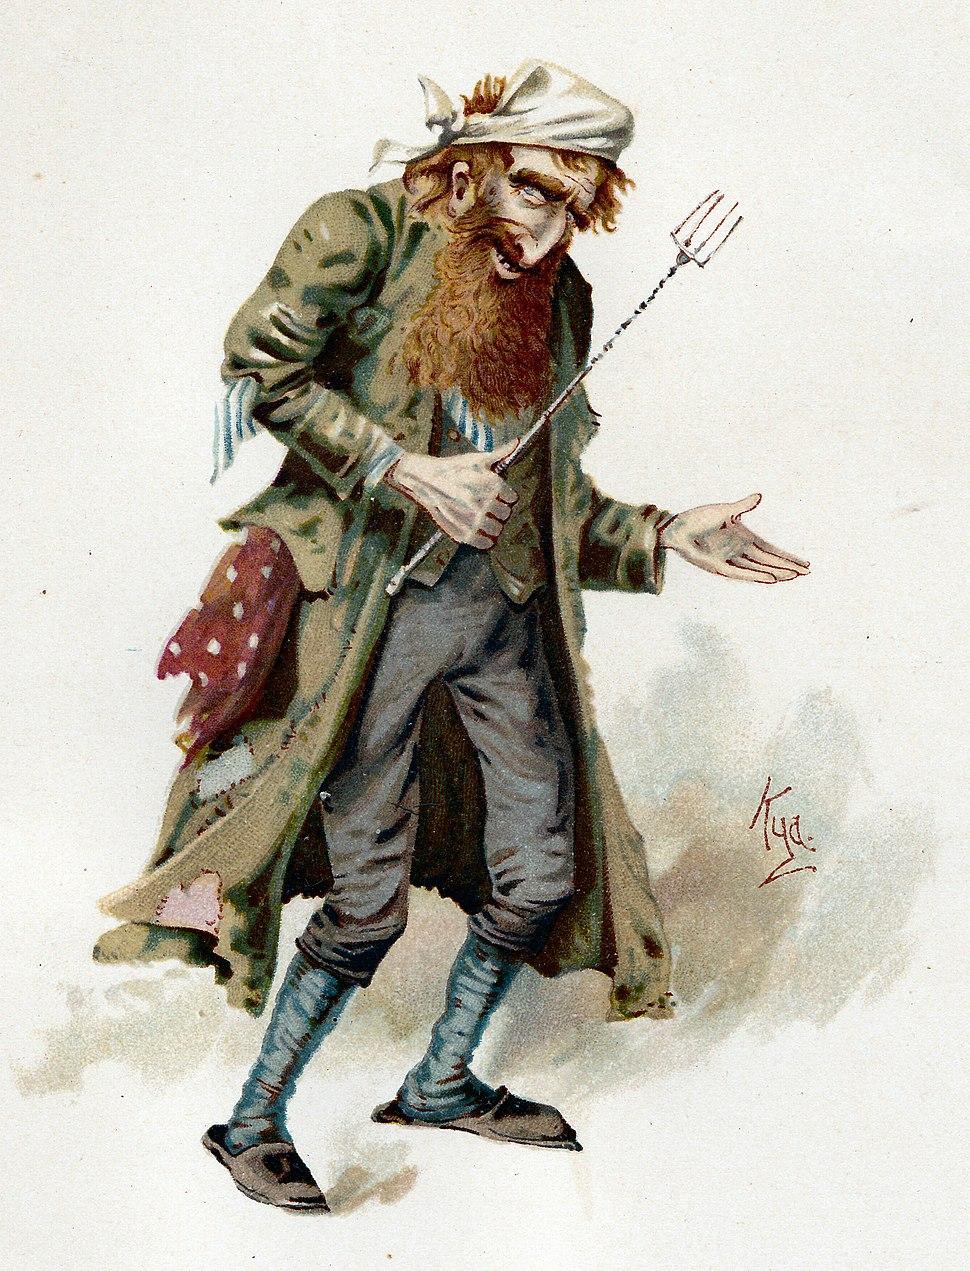 Fagin by Kyd 1889